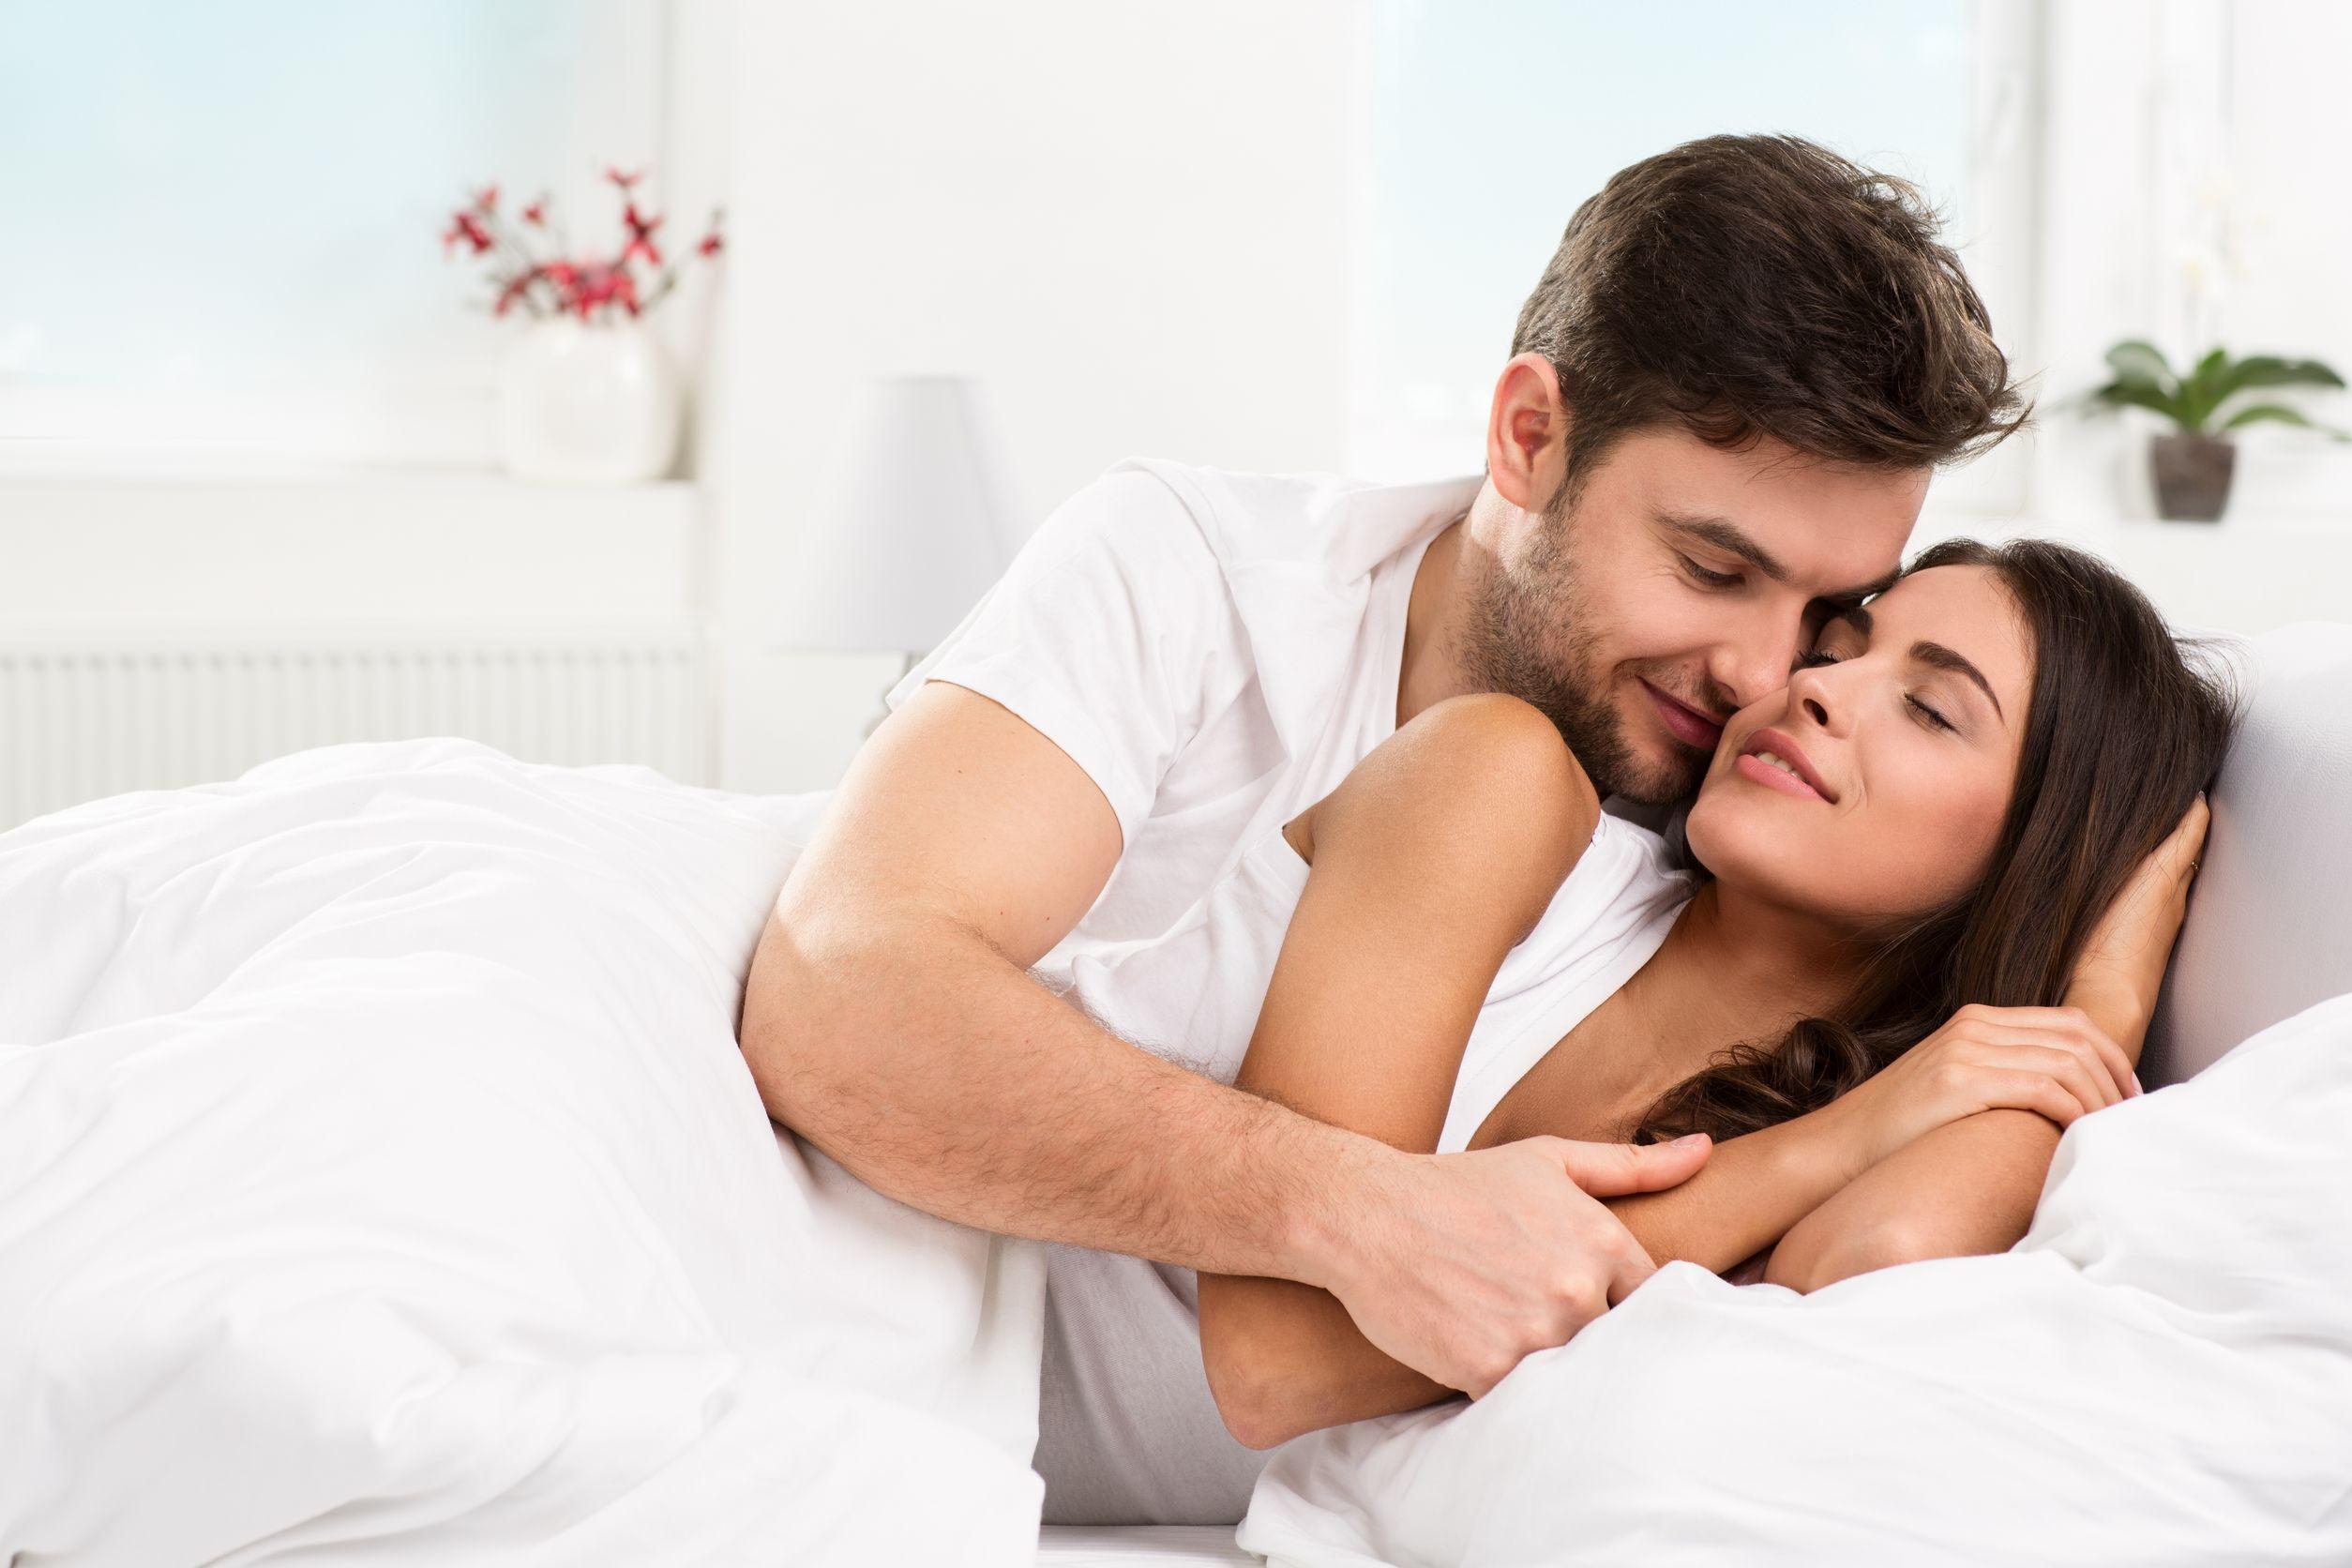 https: img.okezone.com content 2018 06 20 481 1912027 pukul-15-00-sore-ternyata-waktu-terbaik-untuk-bercinta-dengan-pasangan-18Hy2wjELU.jpg